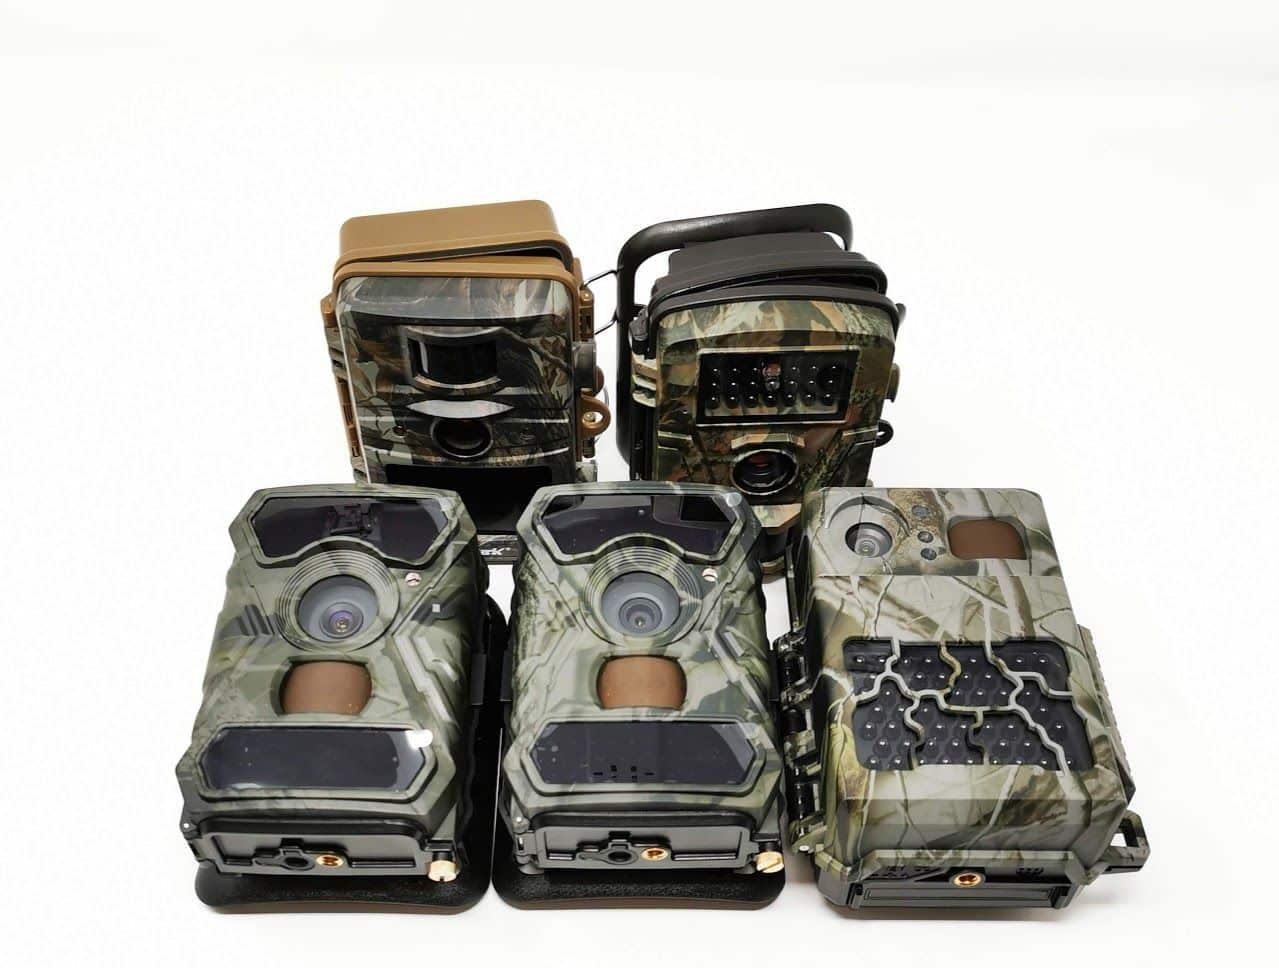 Wildkamera Test & Kaufberatung – 5 Modelle im Vergleich